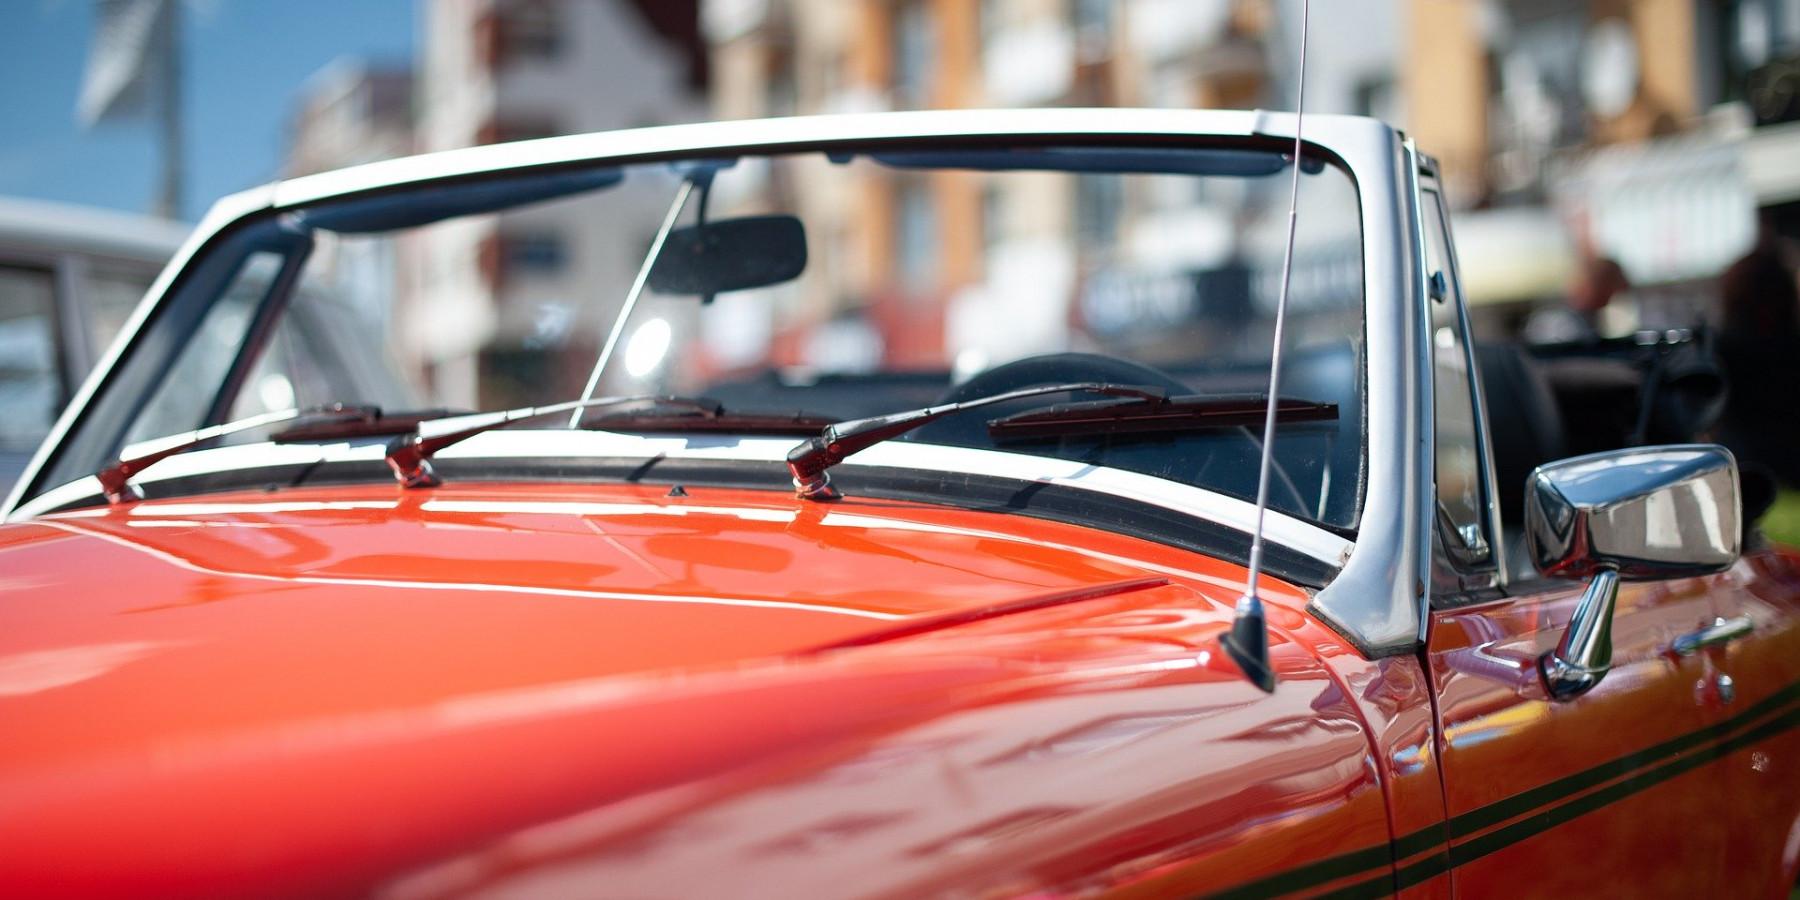 Nostalgischer Sportwagen doppelt so schnell wie zulässig